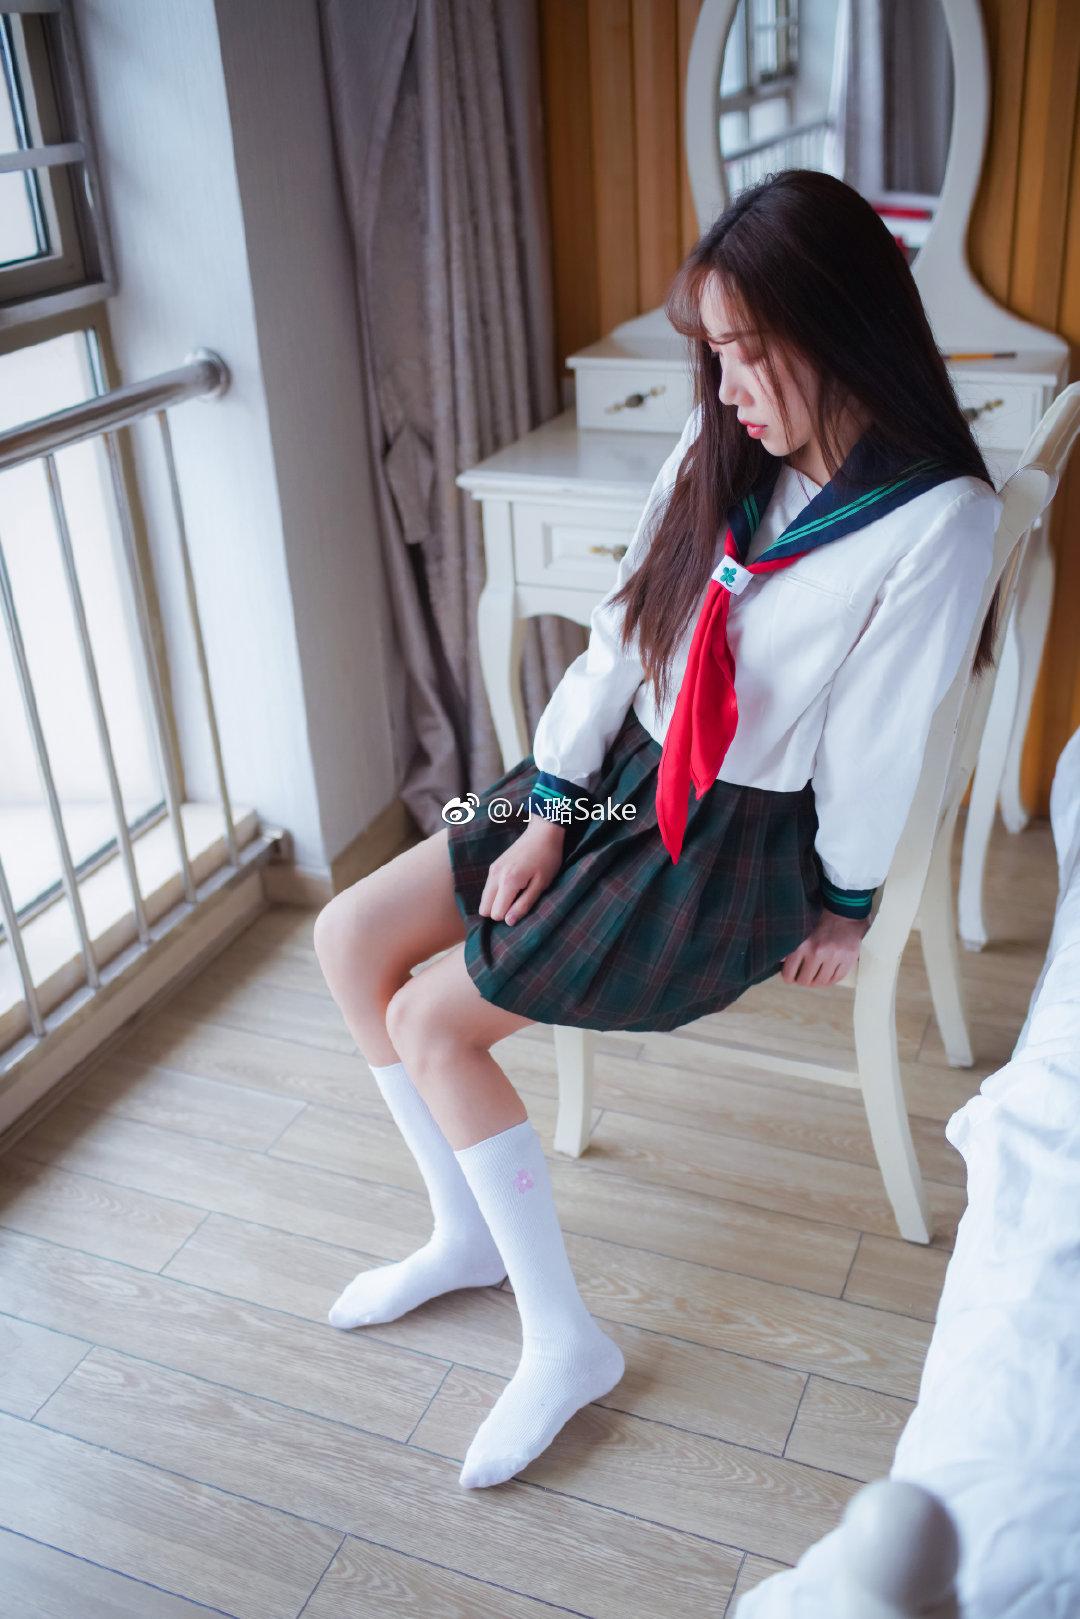 小璐Sake的制服丝袜,又到了做选择的时候了 美女写真-第6张